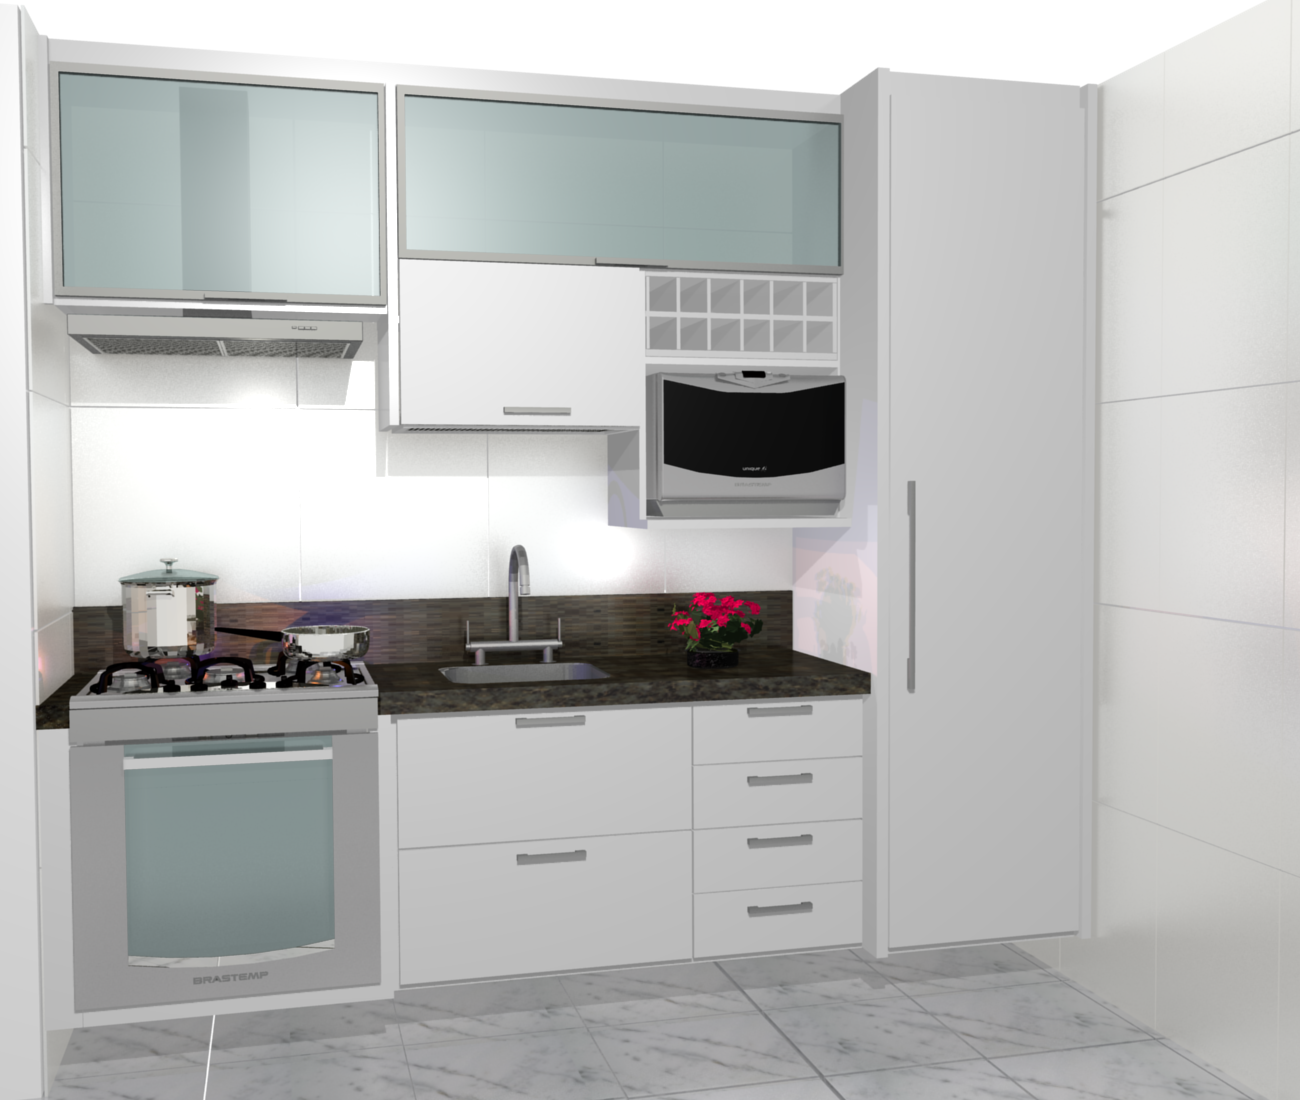 Cozinha Planejadas Pequenas Decorada Americana Modulada Luxo  ~ Armarios De Cozinha Modulado